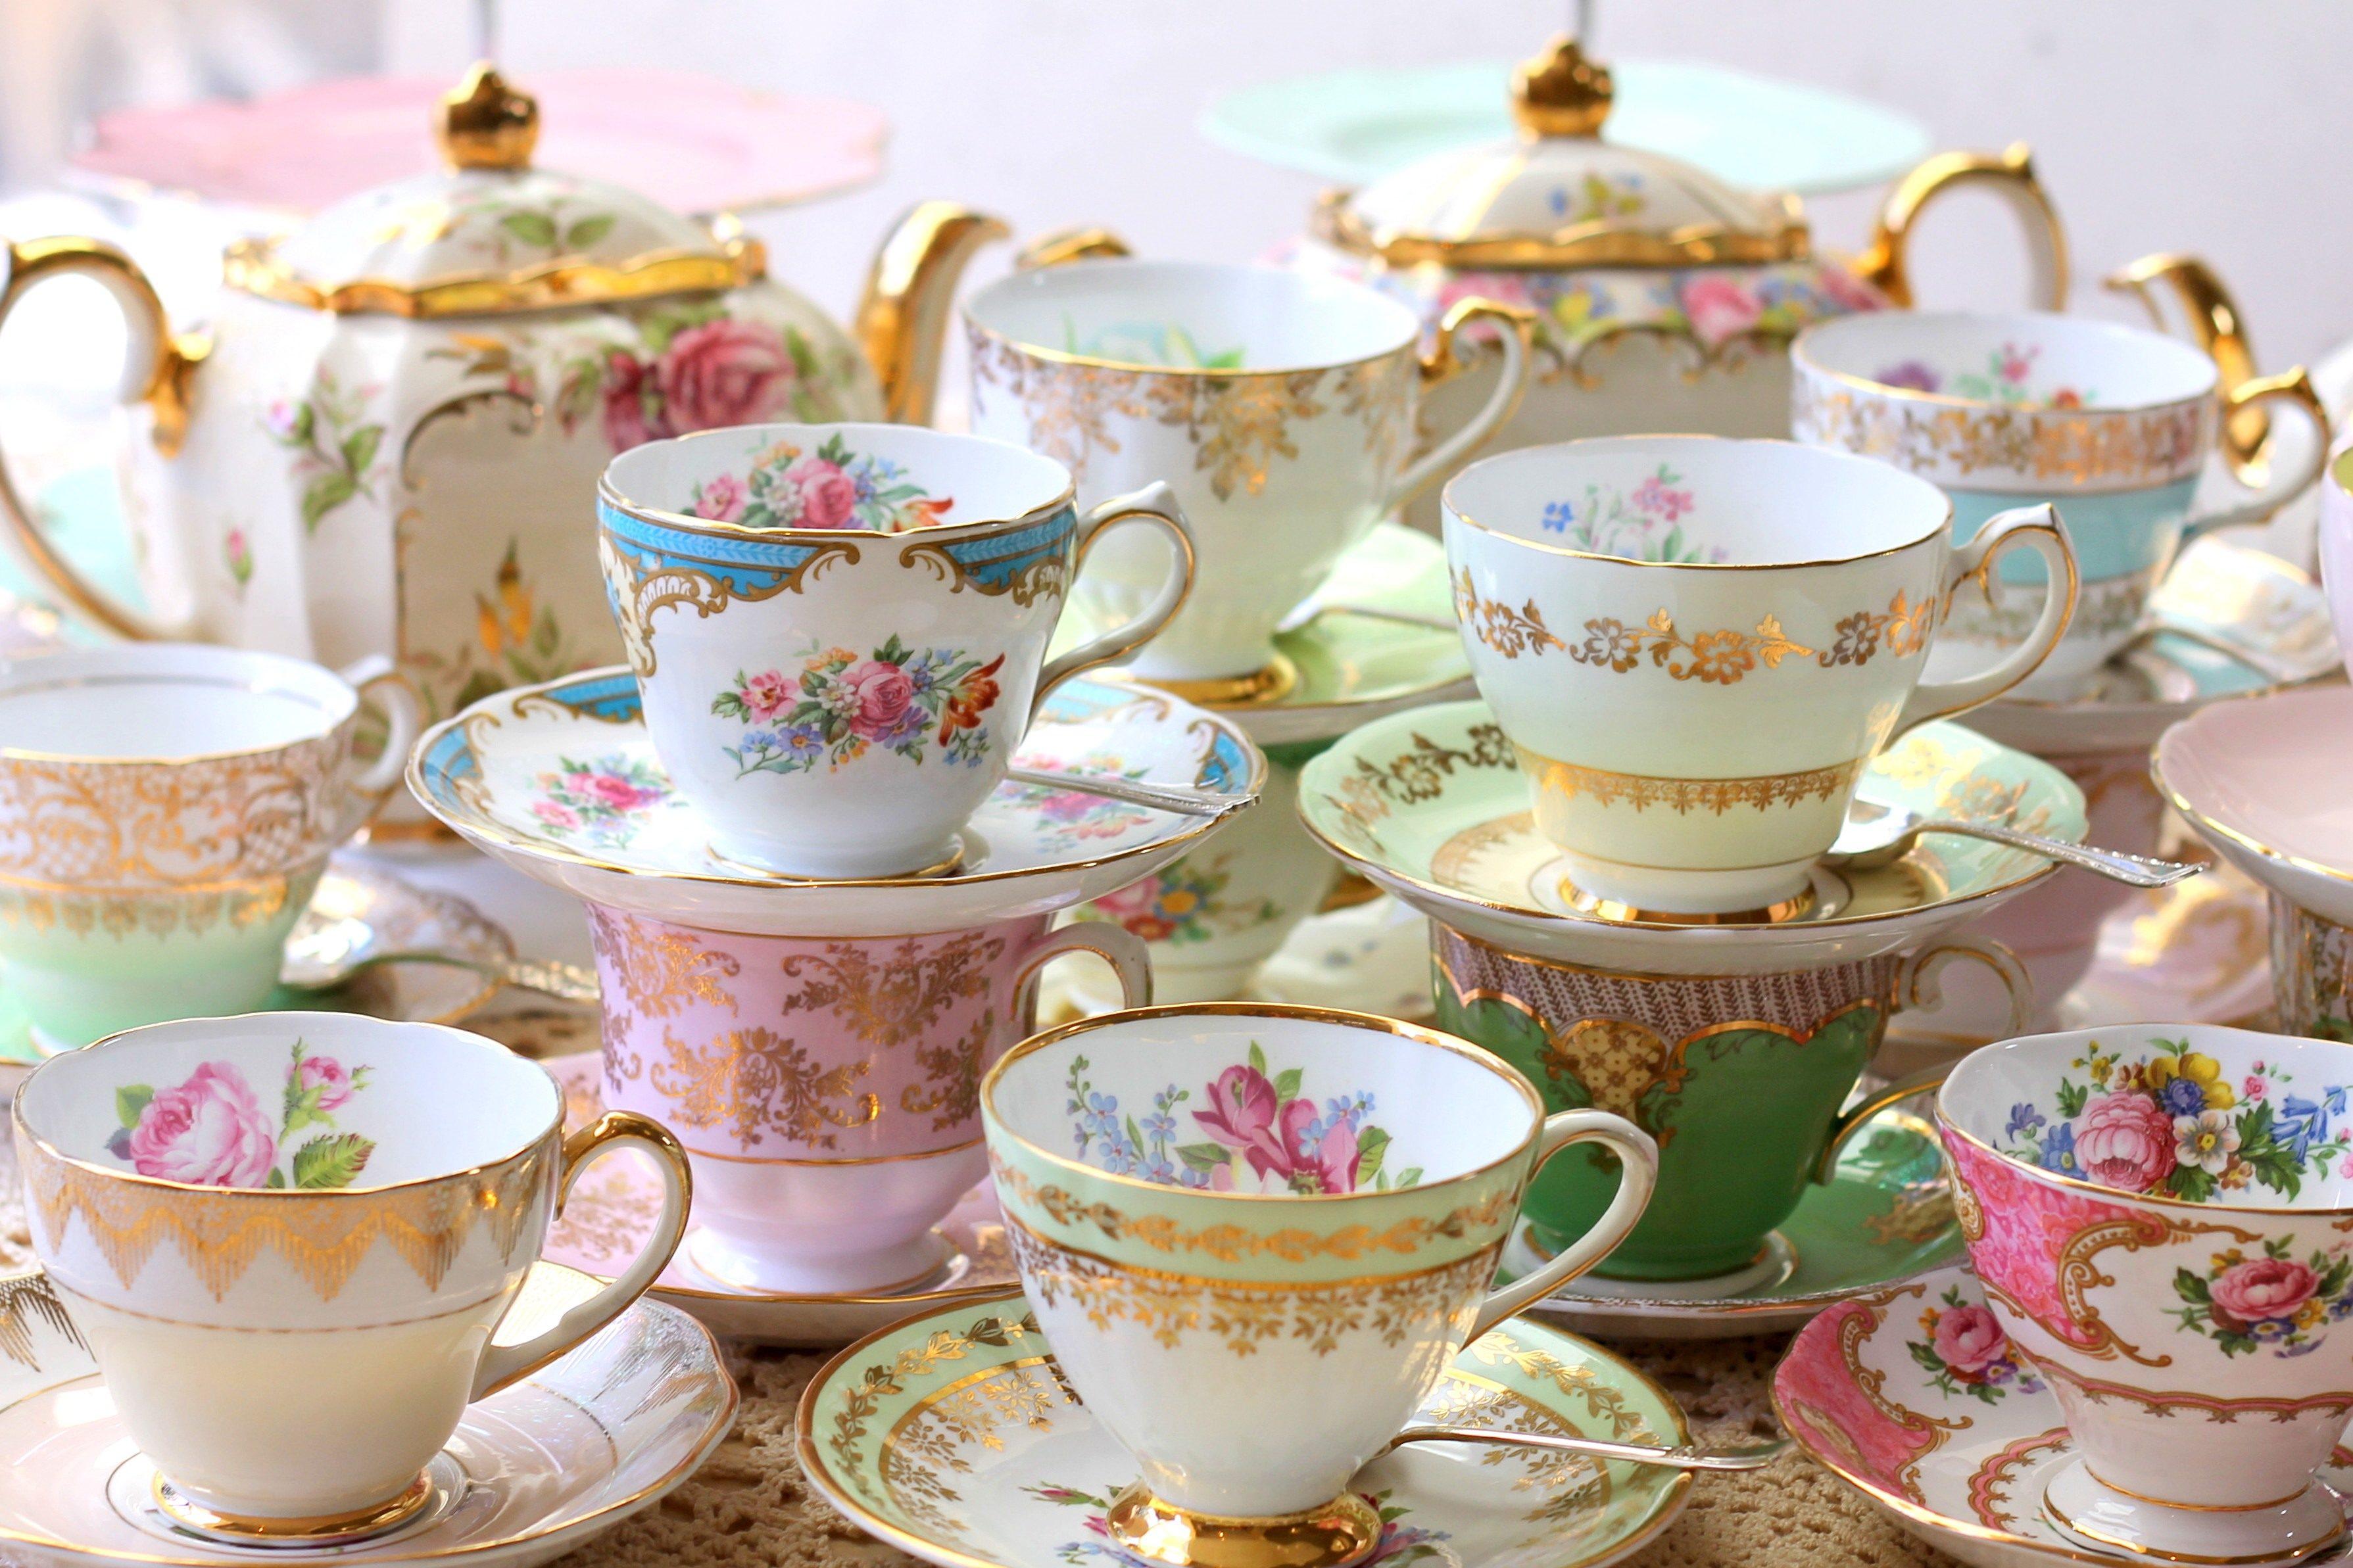 2019 Downton Abbey Tea Party